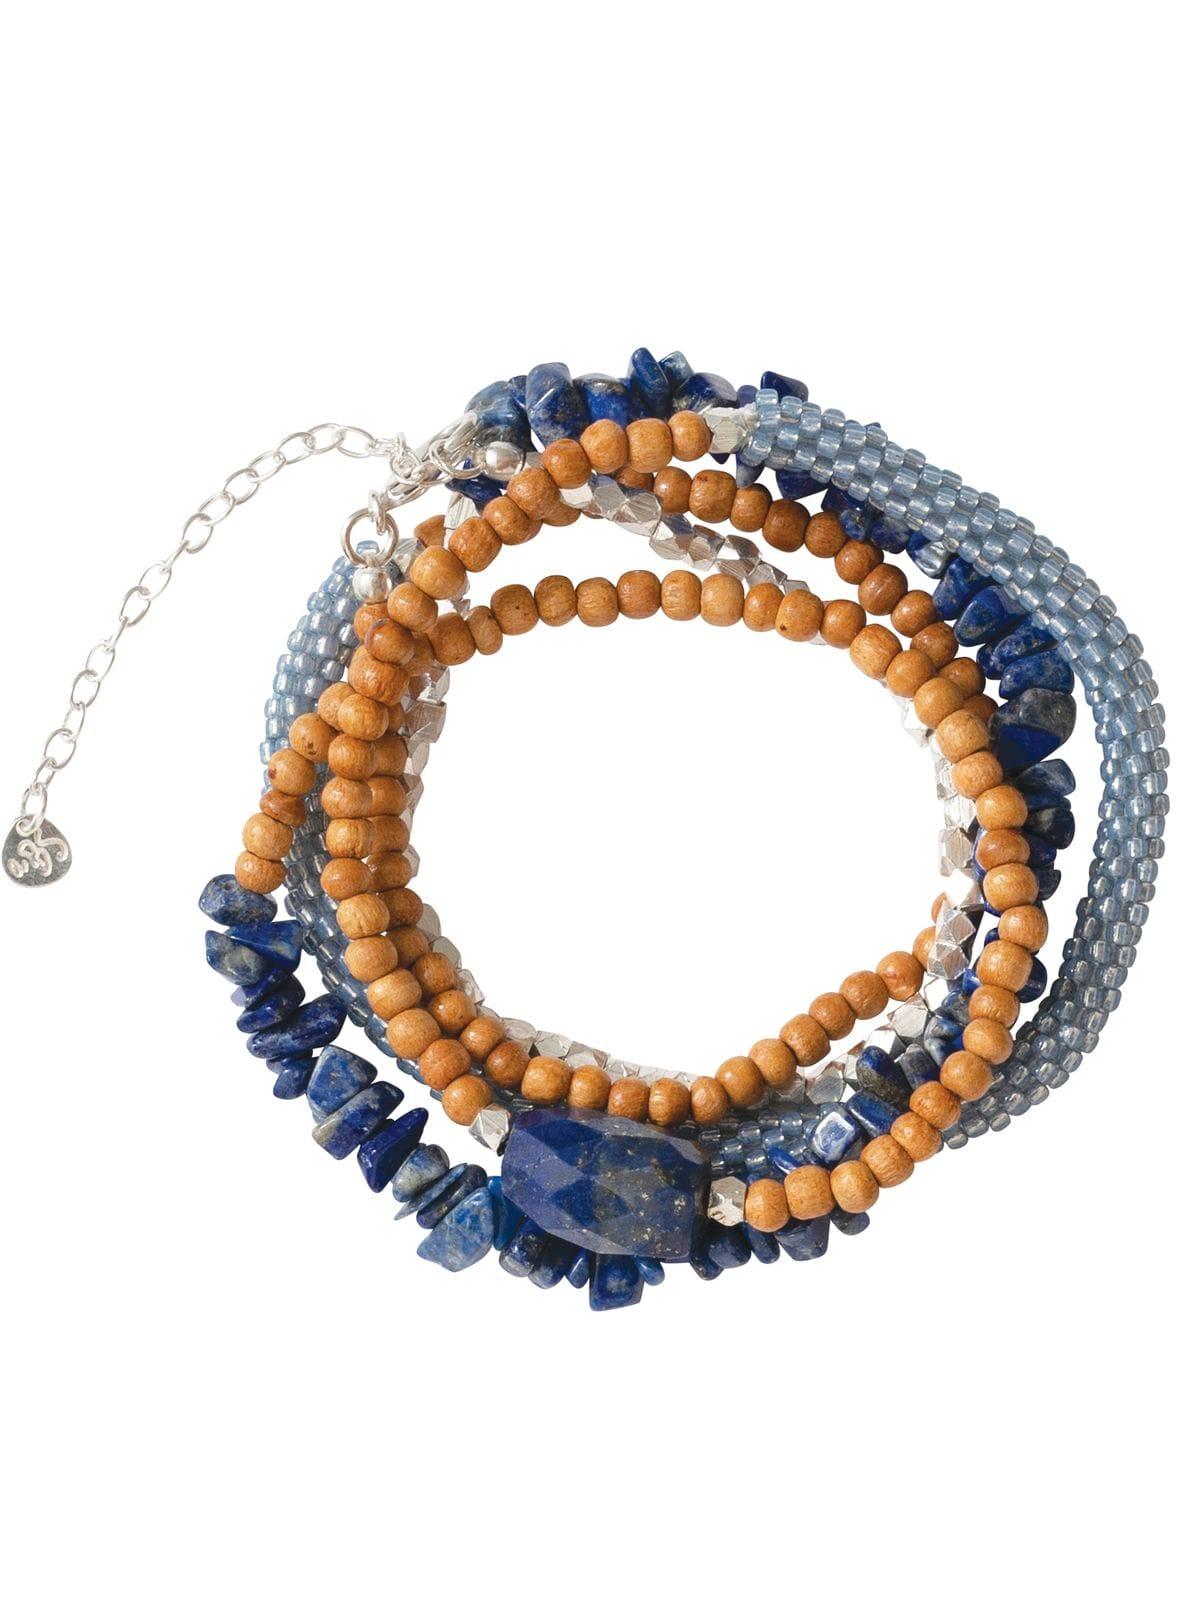 BL25509 - Superwrap Lapis Lazuli Silver Bracelet_1200x1600